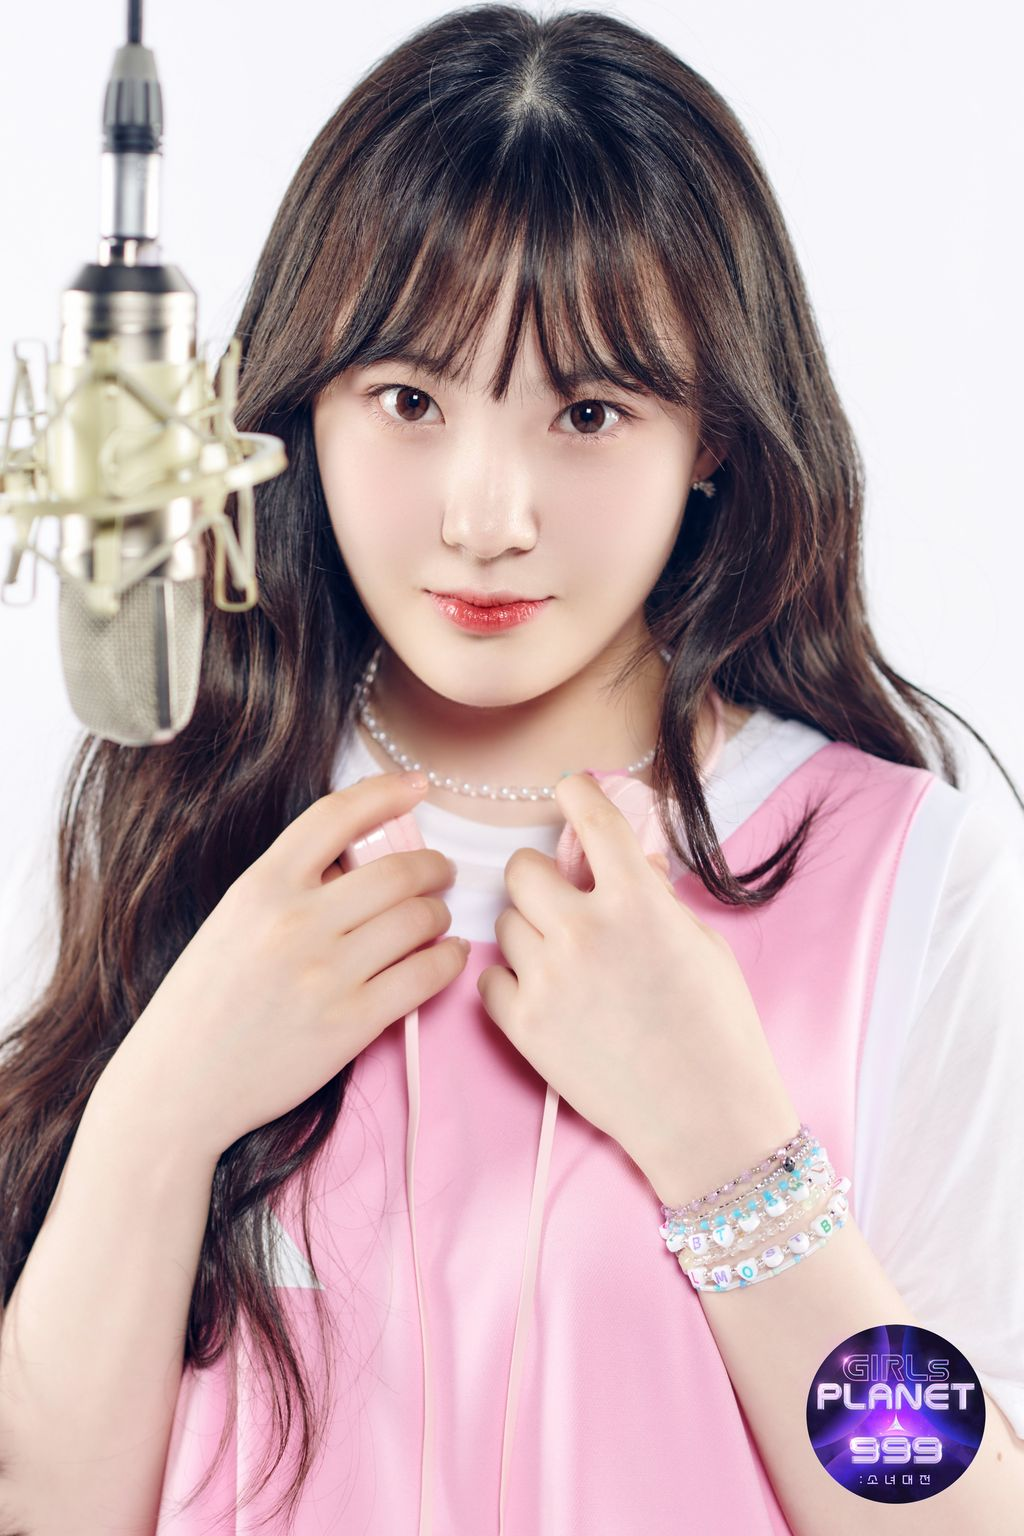 Kim Chae Hyun, kontestan Girls Planet 999 dinilai mirip Irene Red Velvet